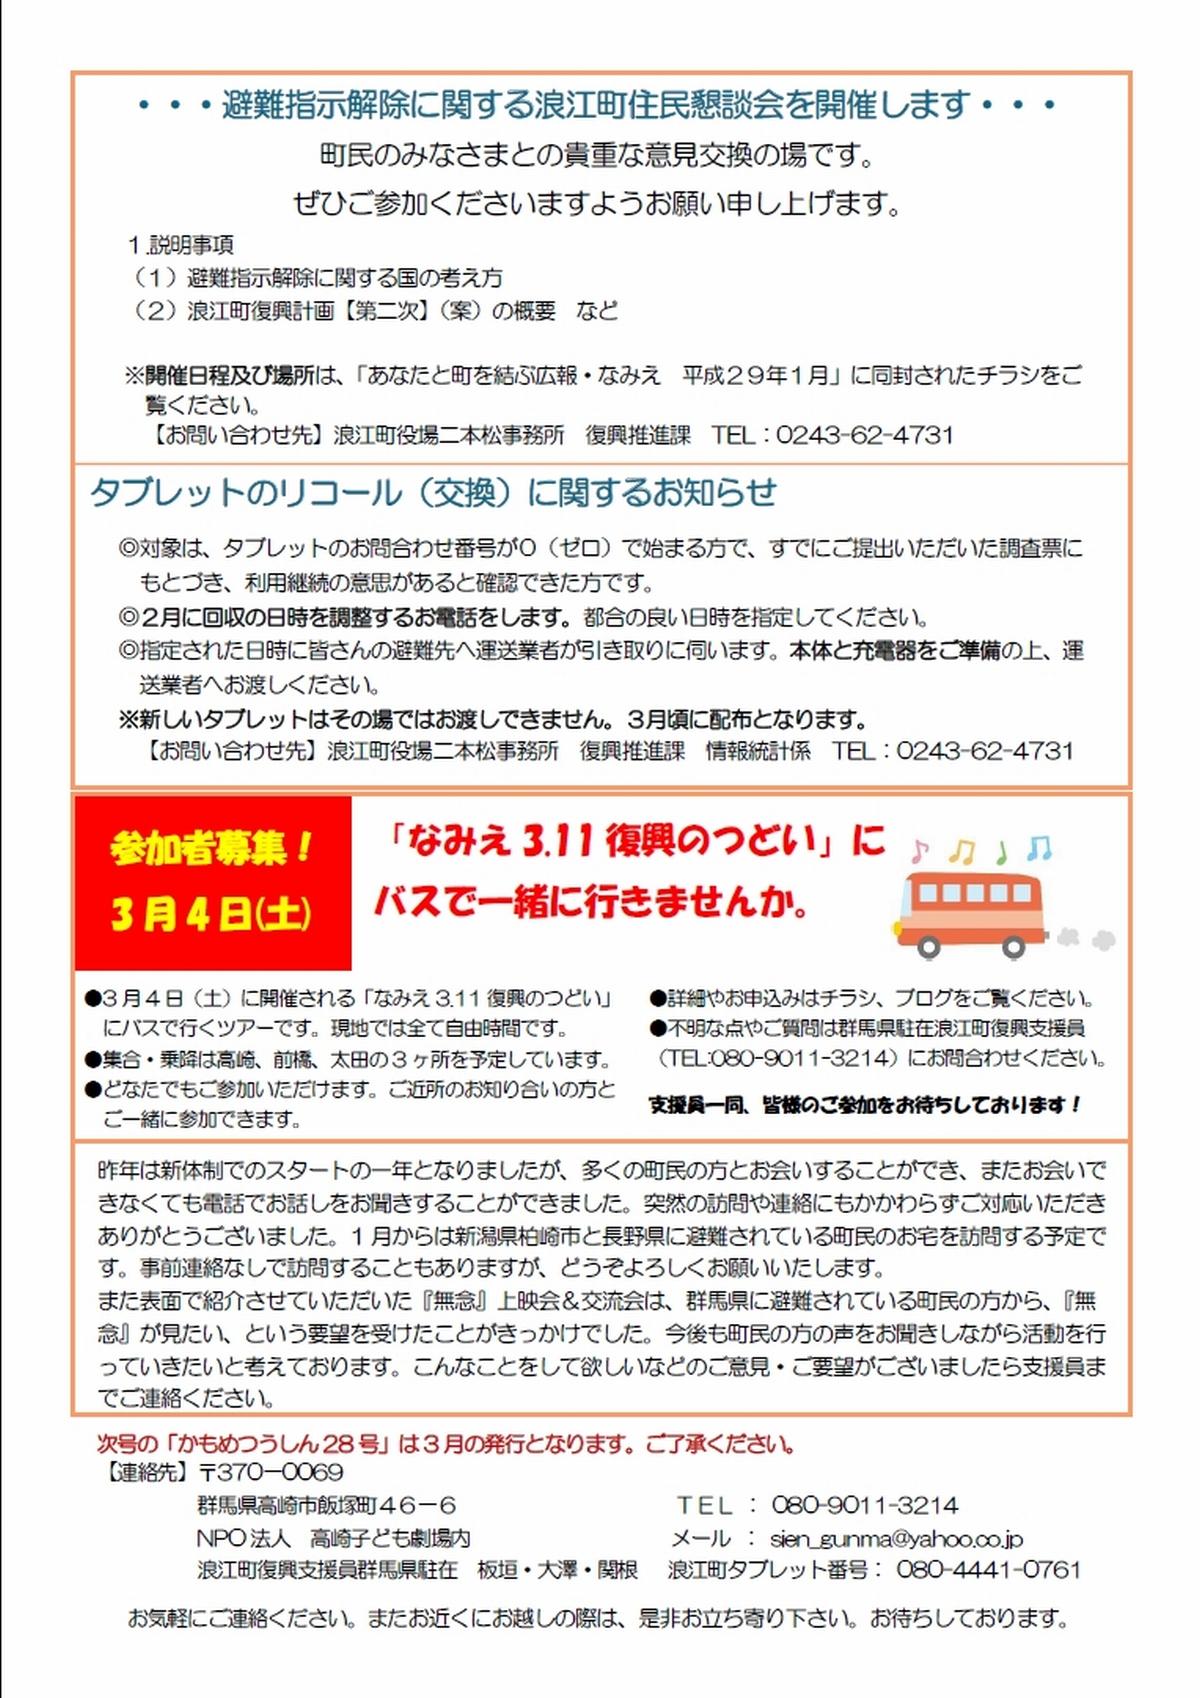 20170131100636dba.jpg